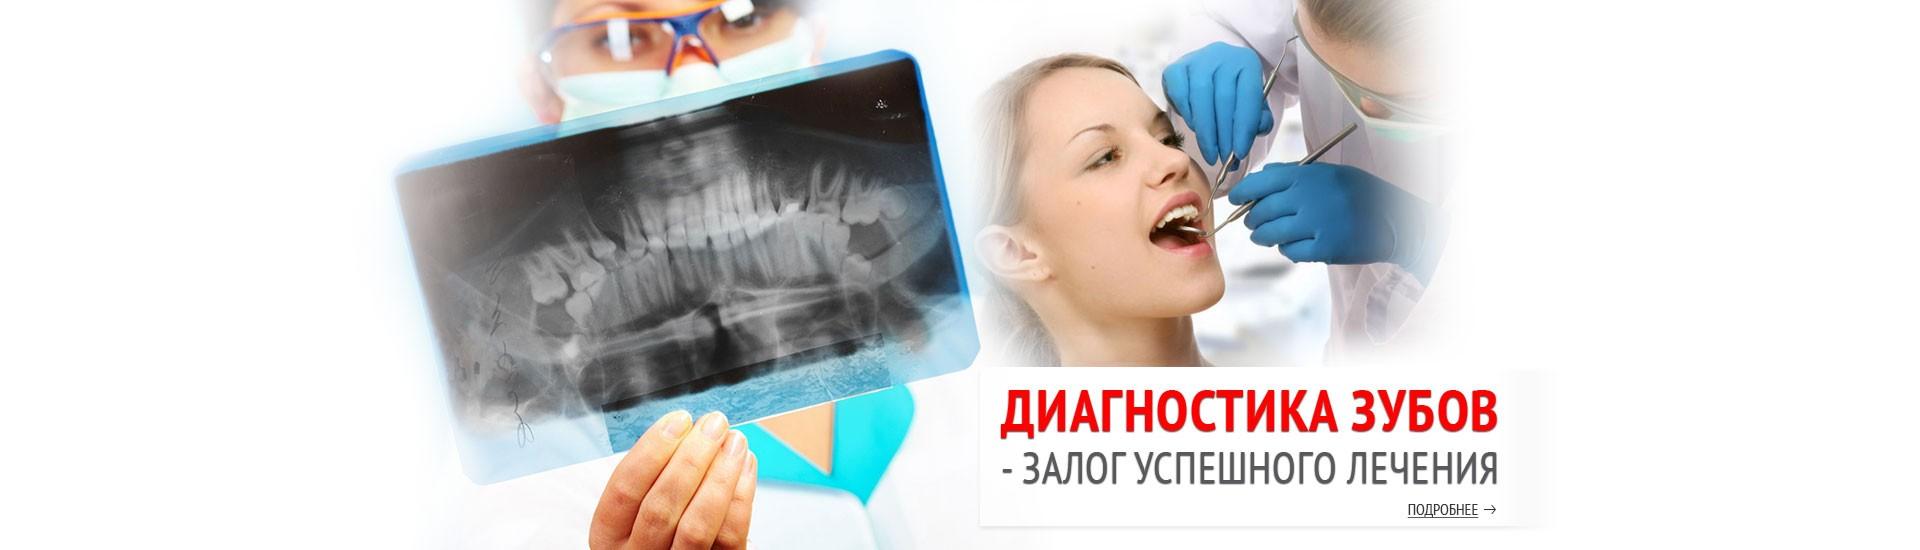 виниры протез зубов цена украина